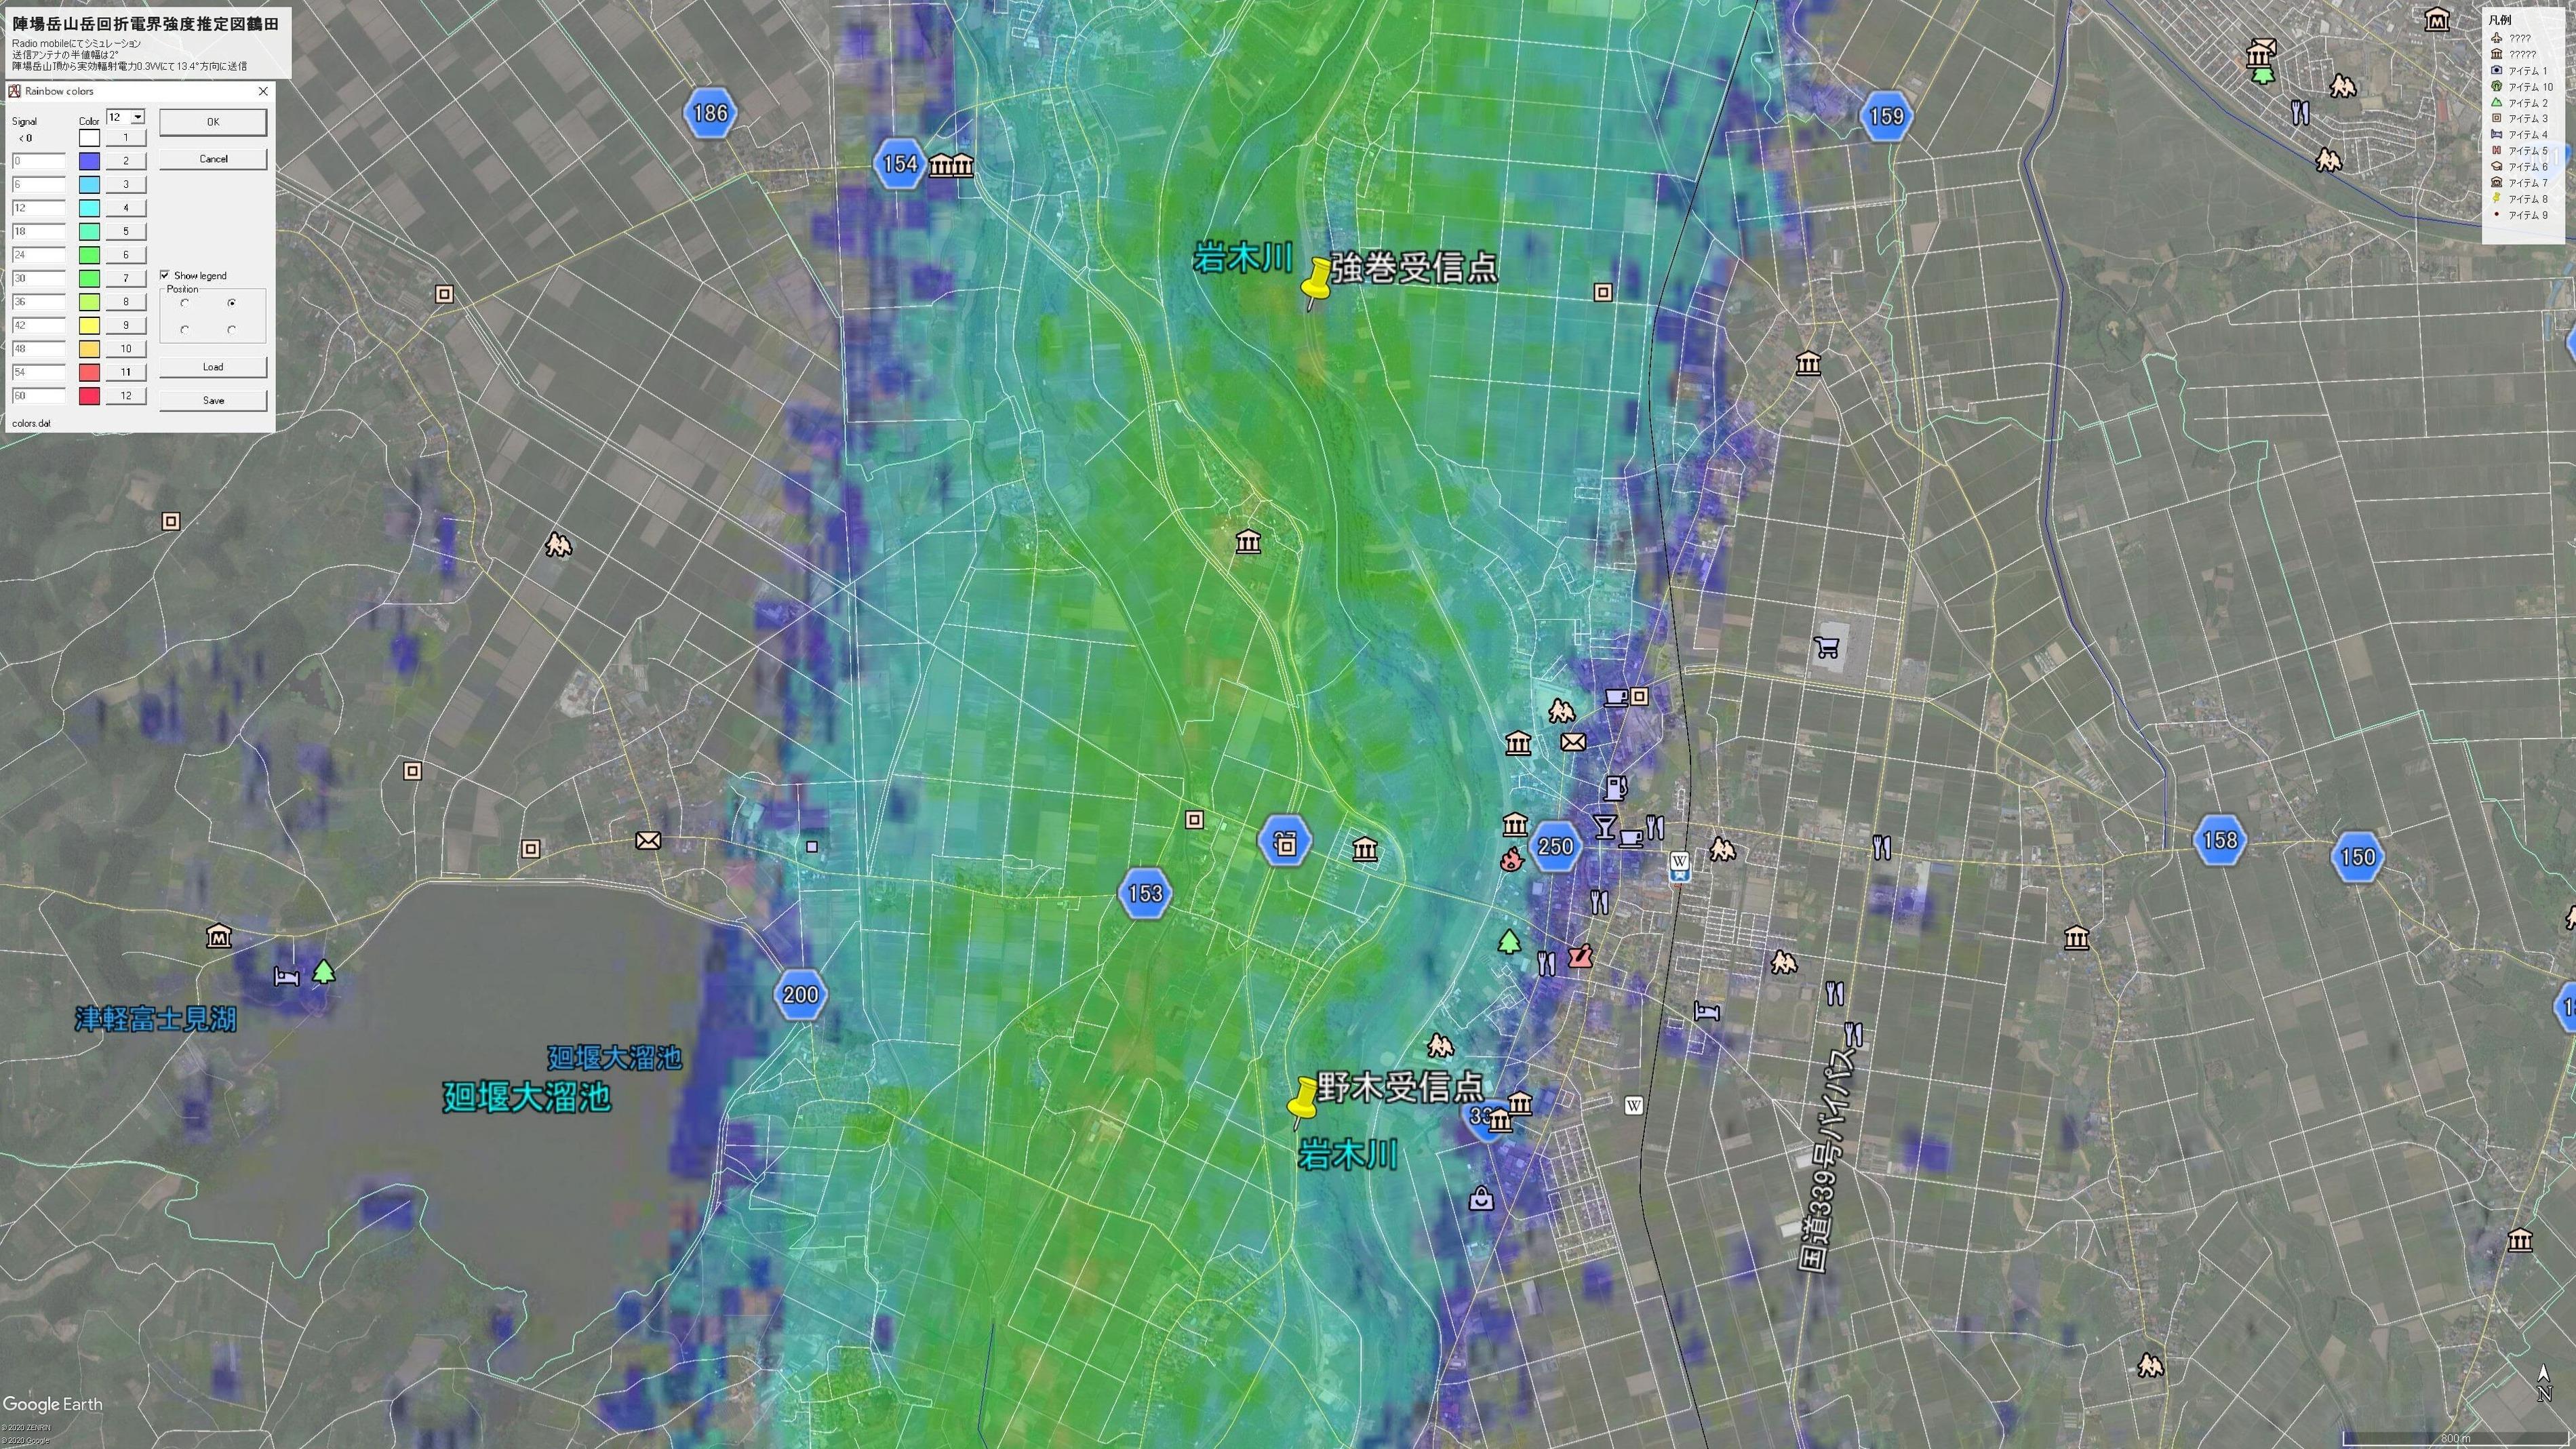 陣場岳山岳回折推定電界強度図(鶴田)